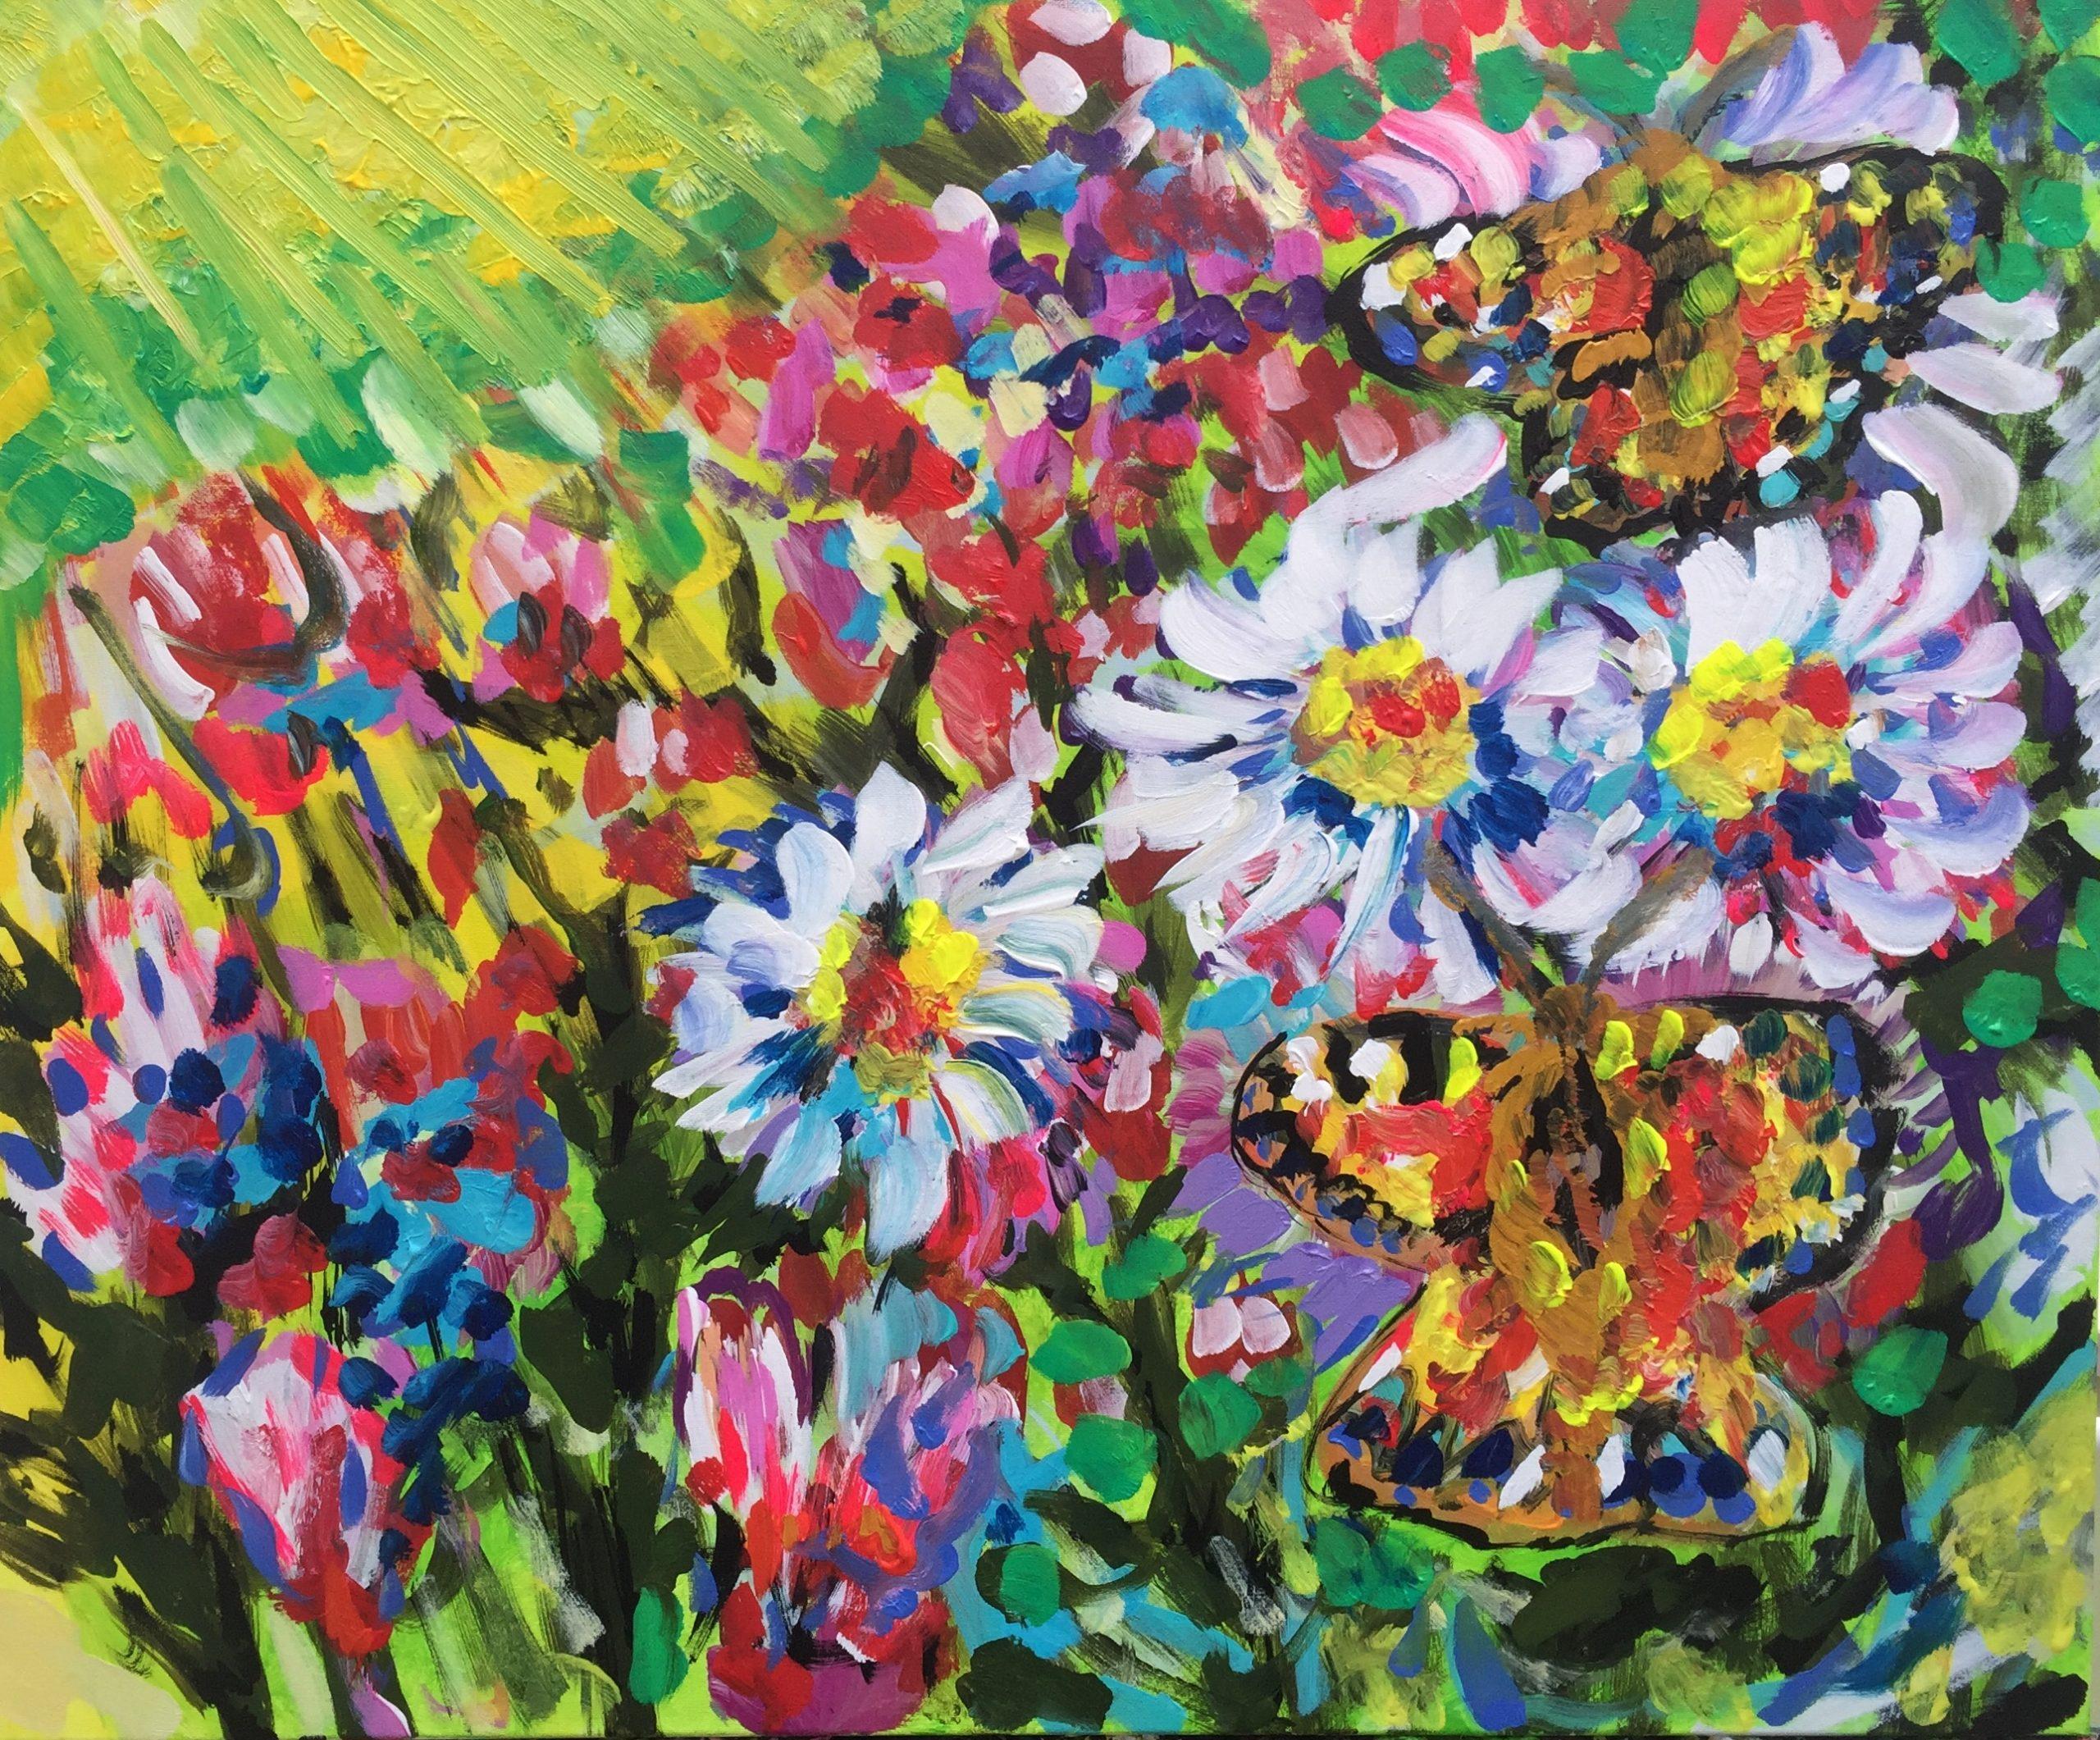 butterflies on the flowers, acrylic on canvas, cm 50 x cm 60, Occhiobello, 2020